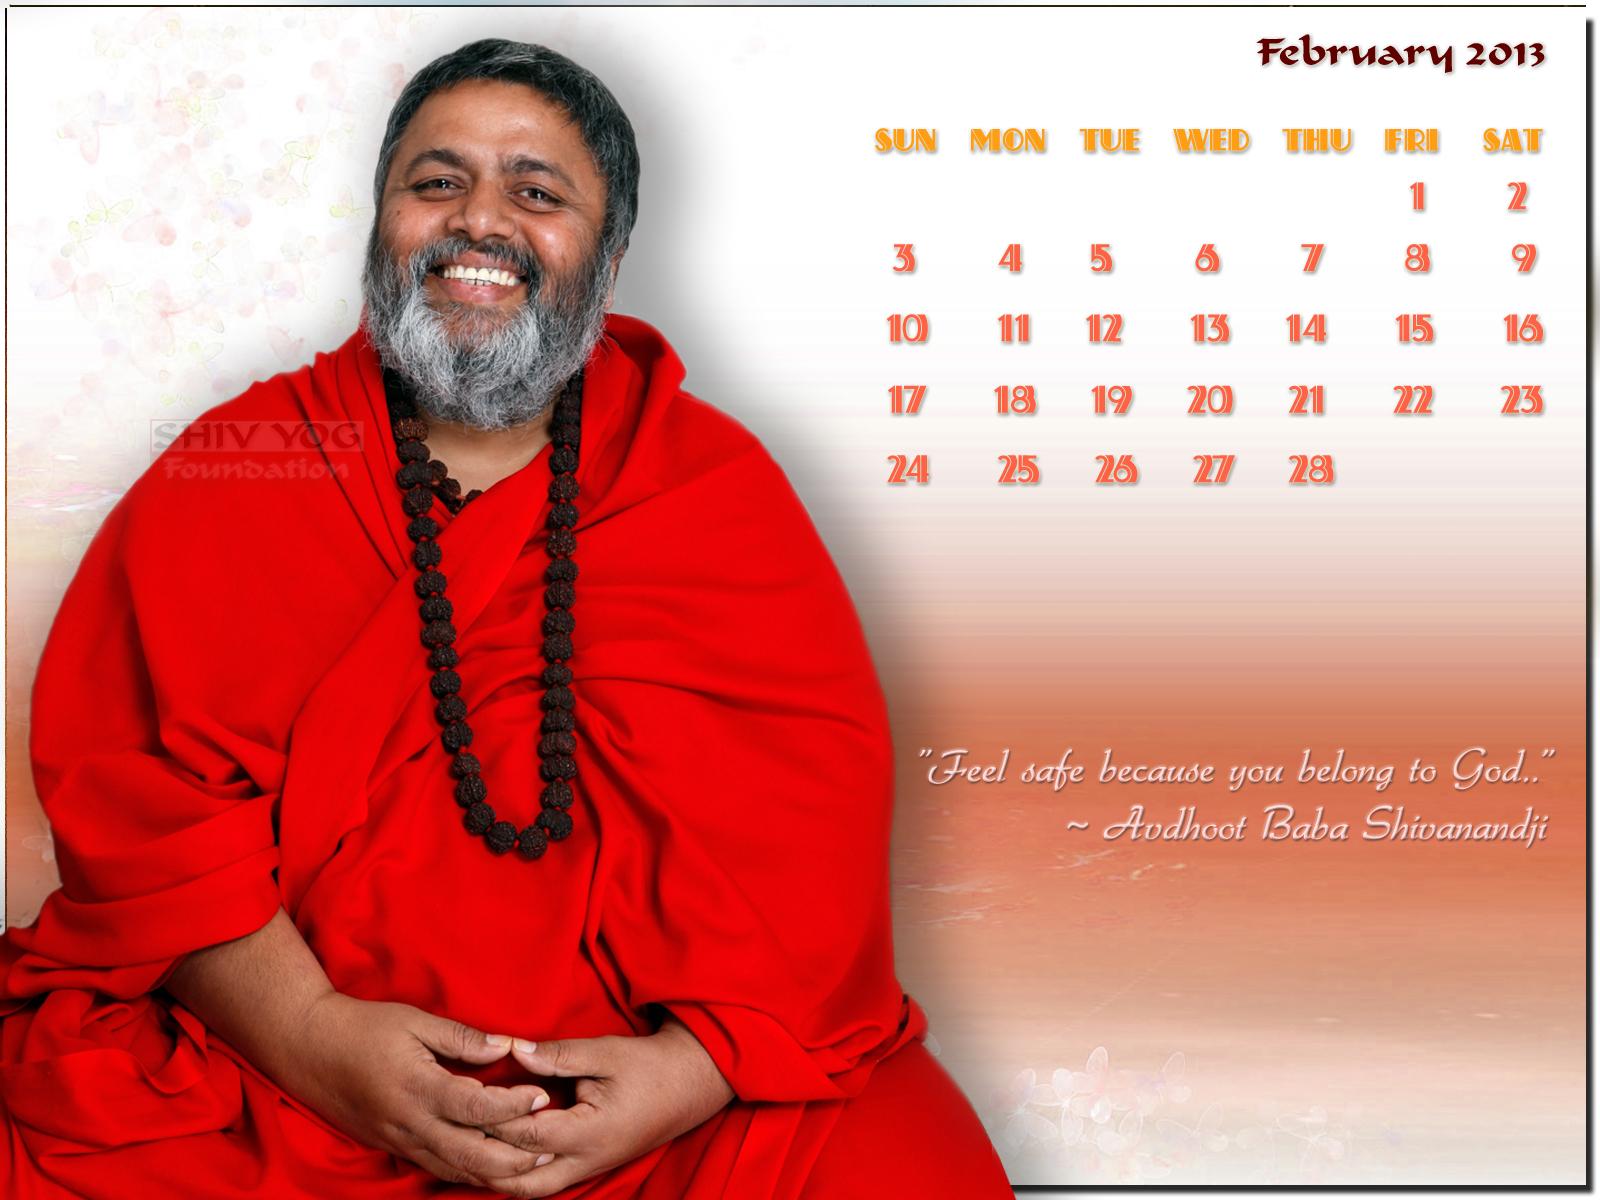 http://4.bp.blogspot.com/-dmT30X1opuA/UQu44WFzlWI/AAAAAAAAAng/1_Fd6ECJnwE/s1600/Calendar_Feb2013.jpg